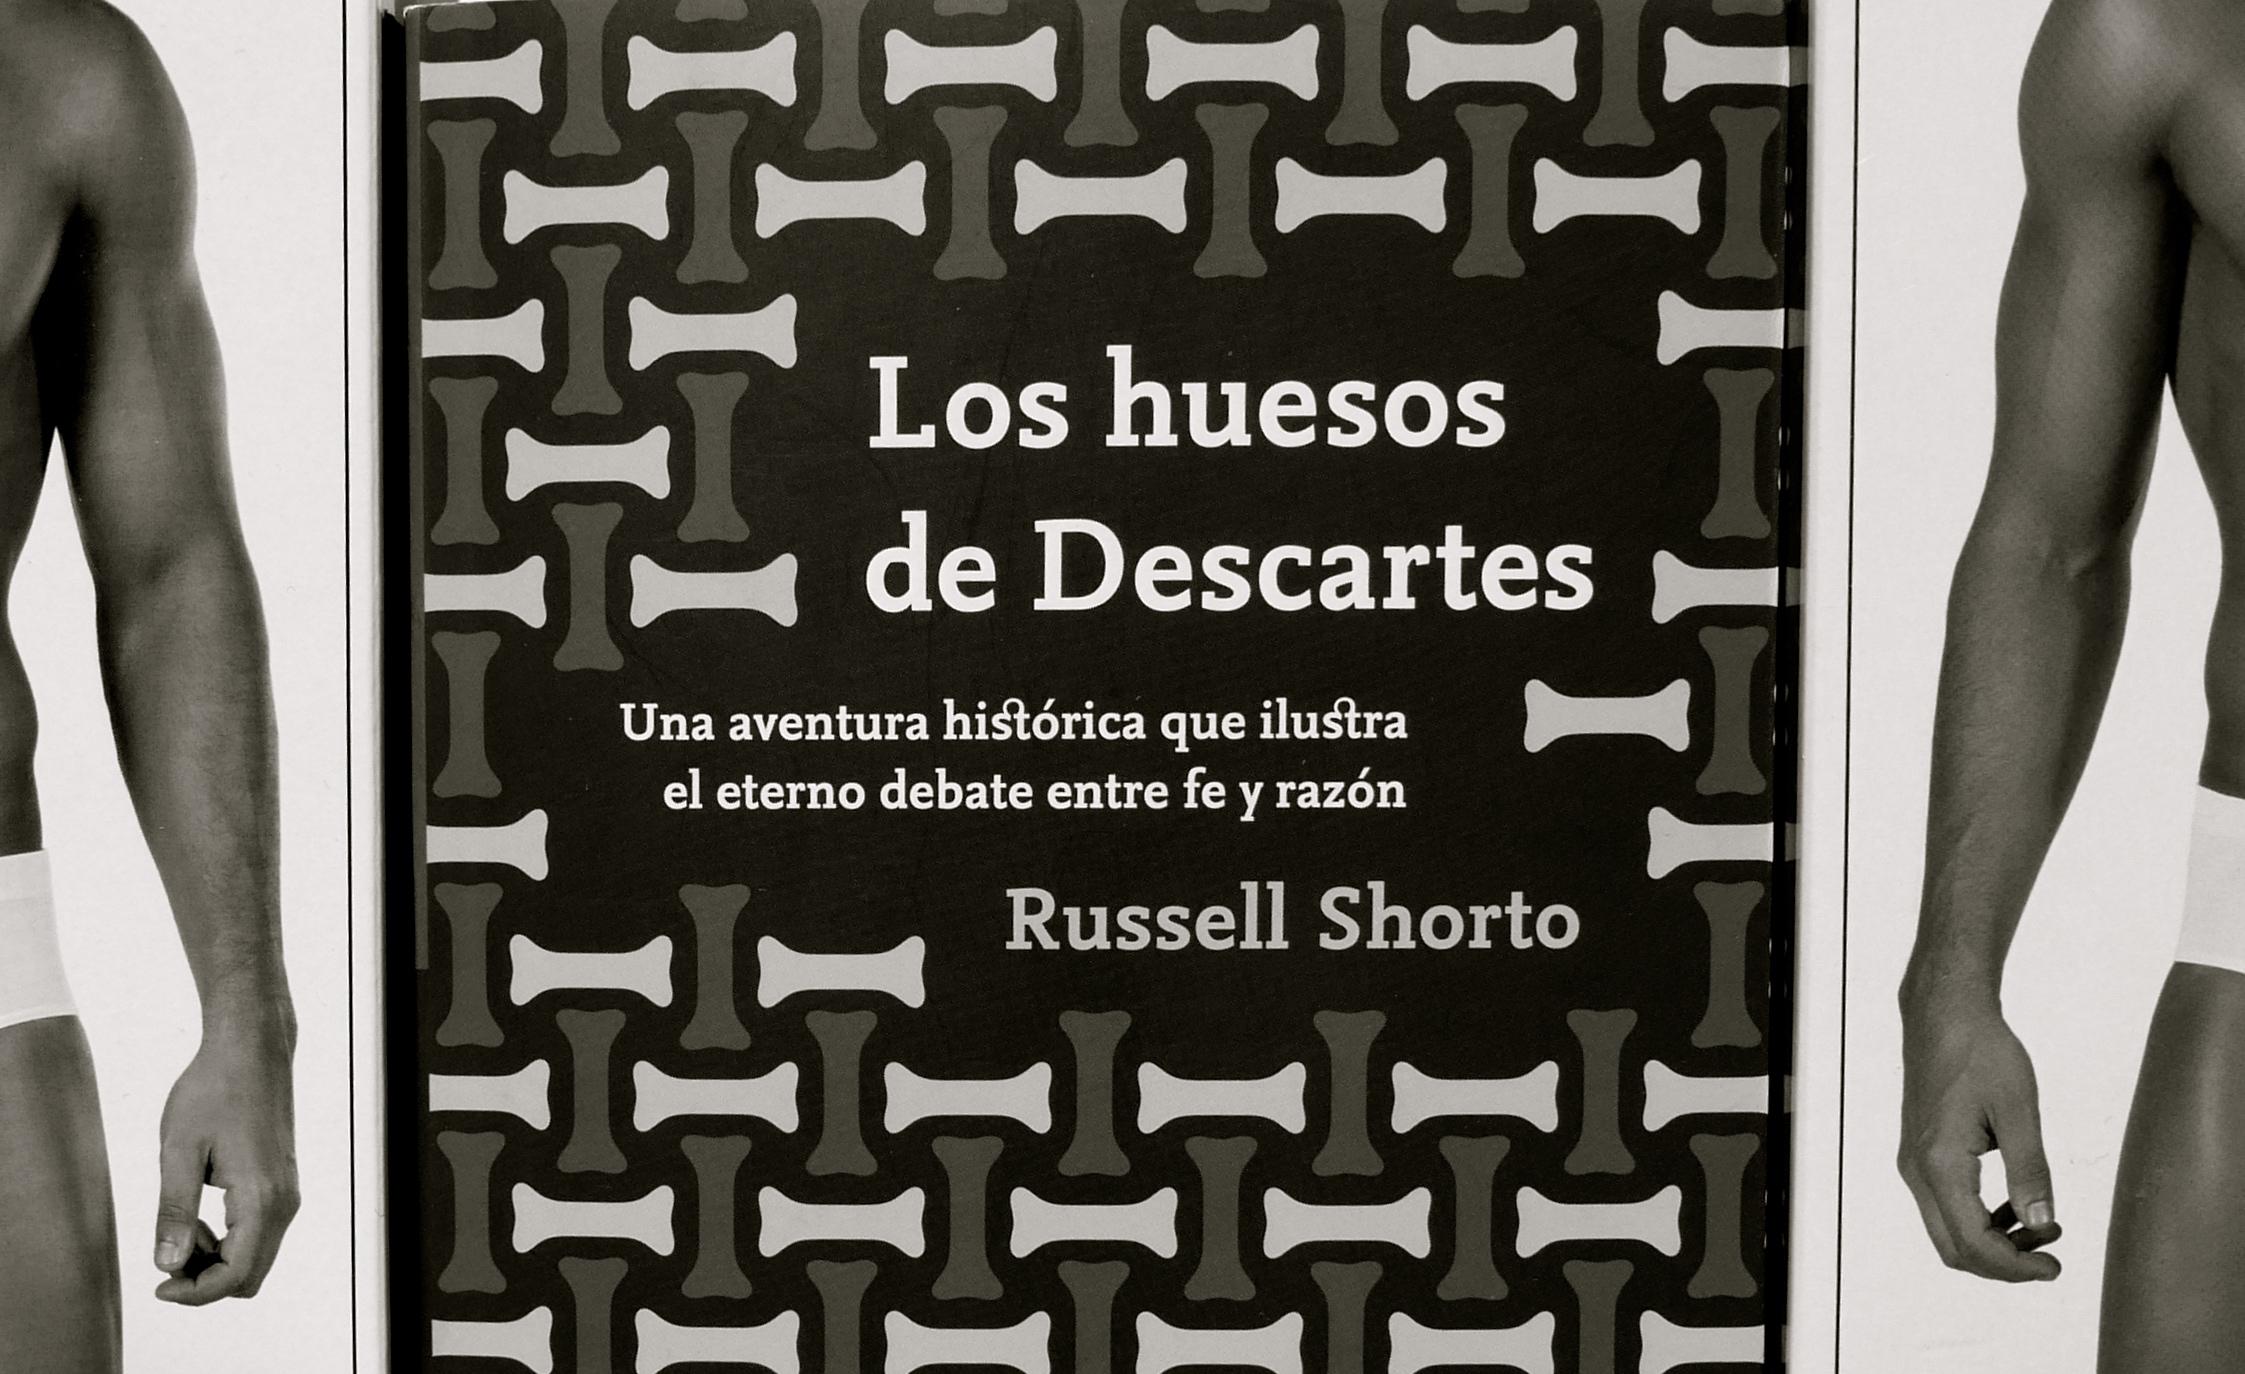 Los huesos de Descartes Rusell Shorto brazos